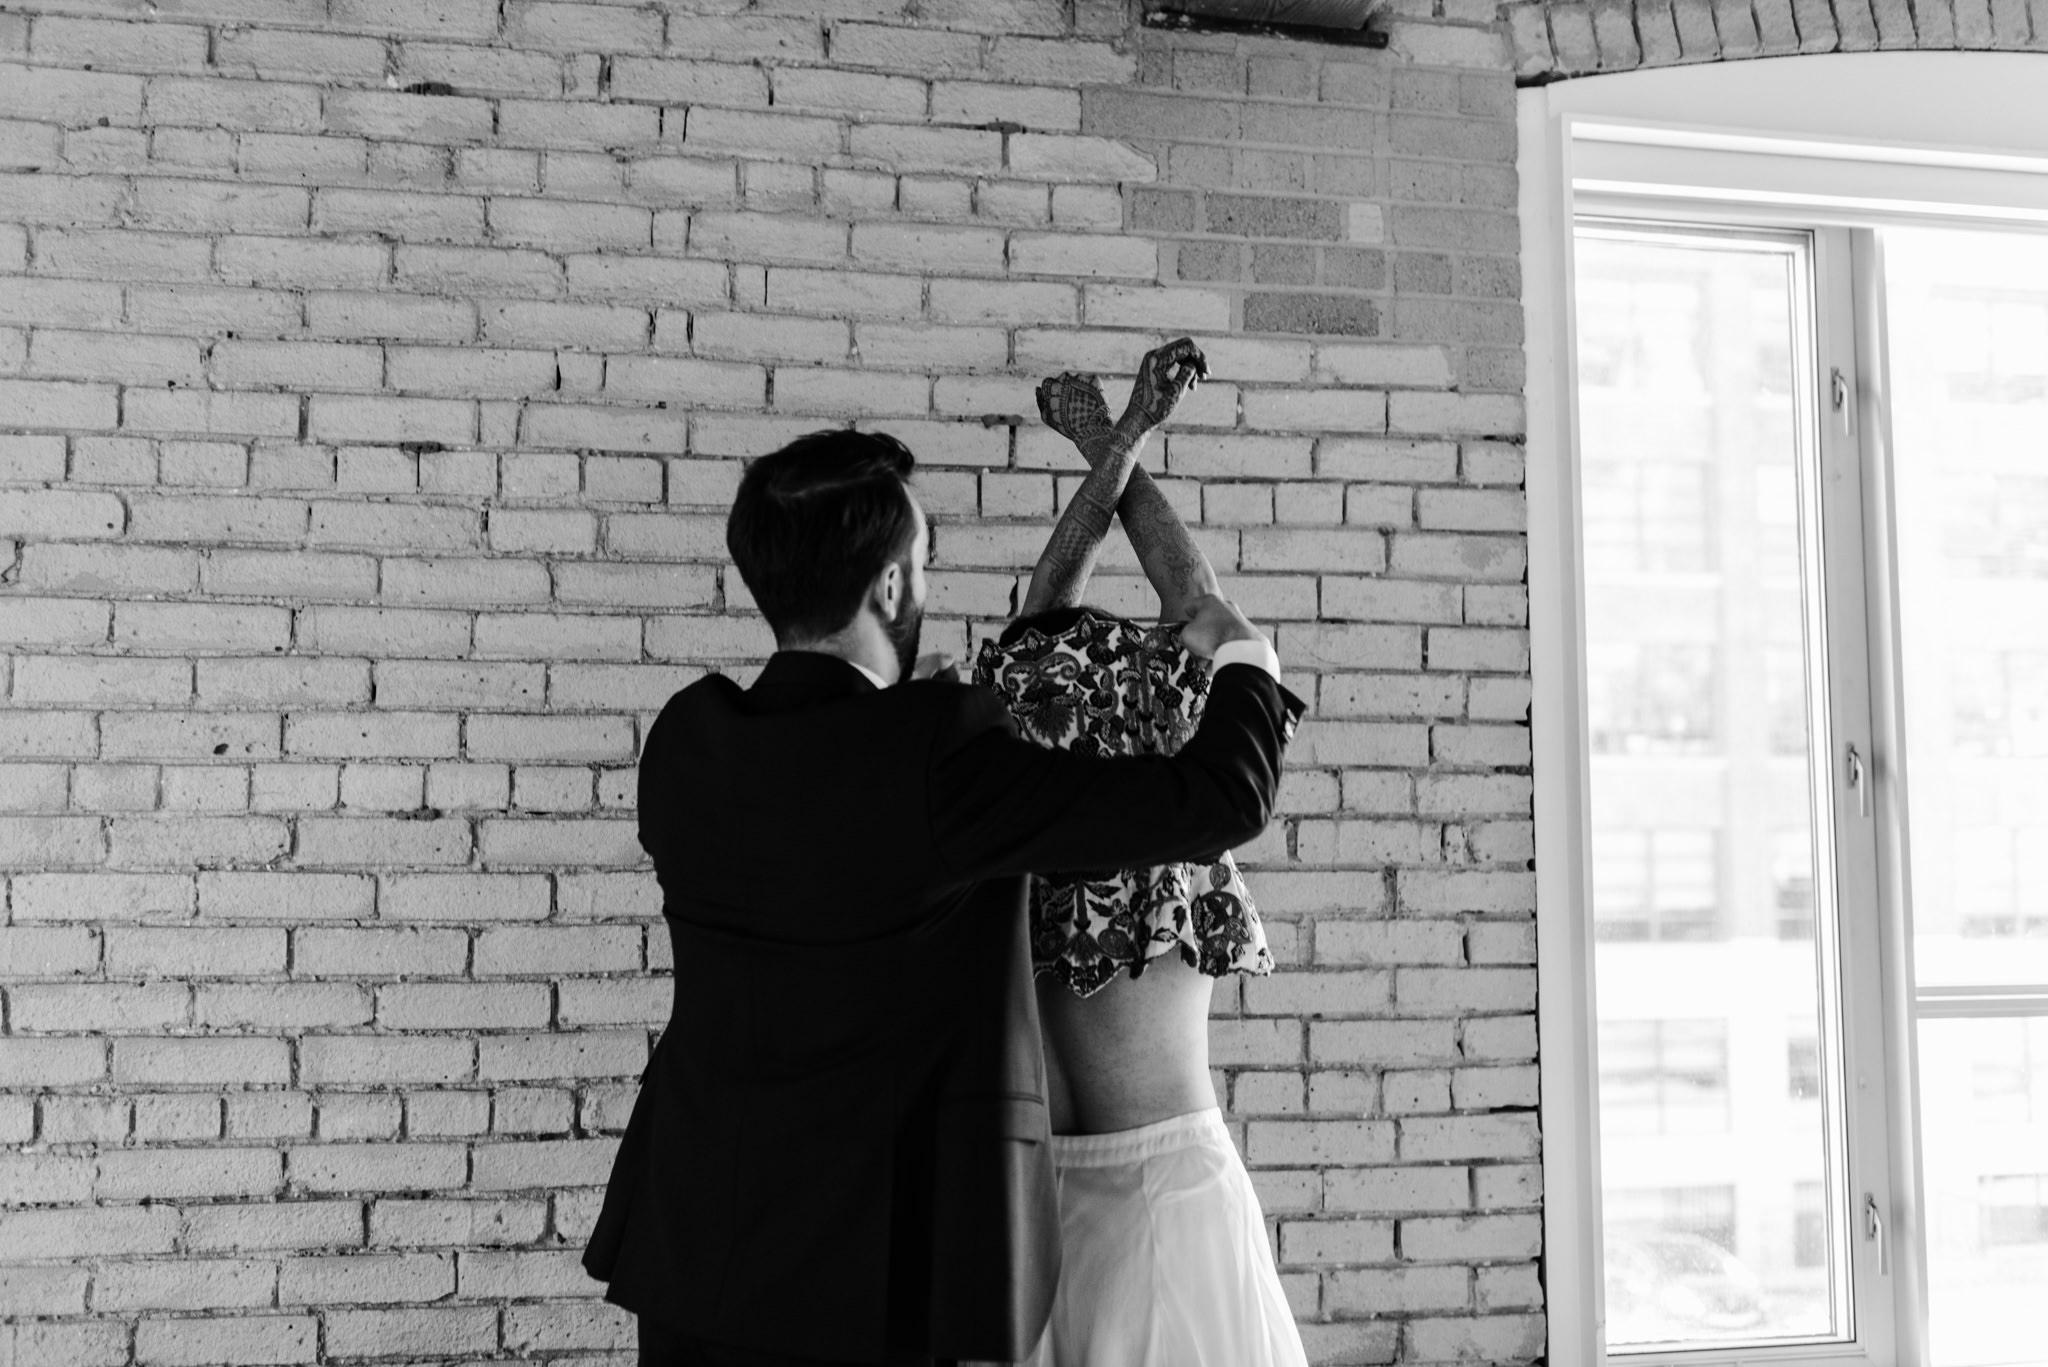 099-bride-groom-getting-ready-together-hotel-ocho-wedding-intimate-photos.jpg